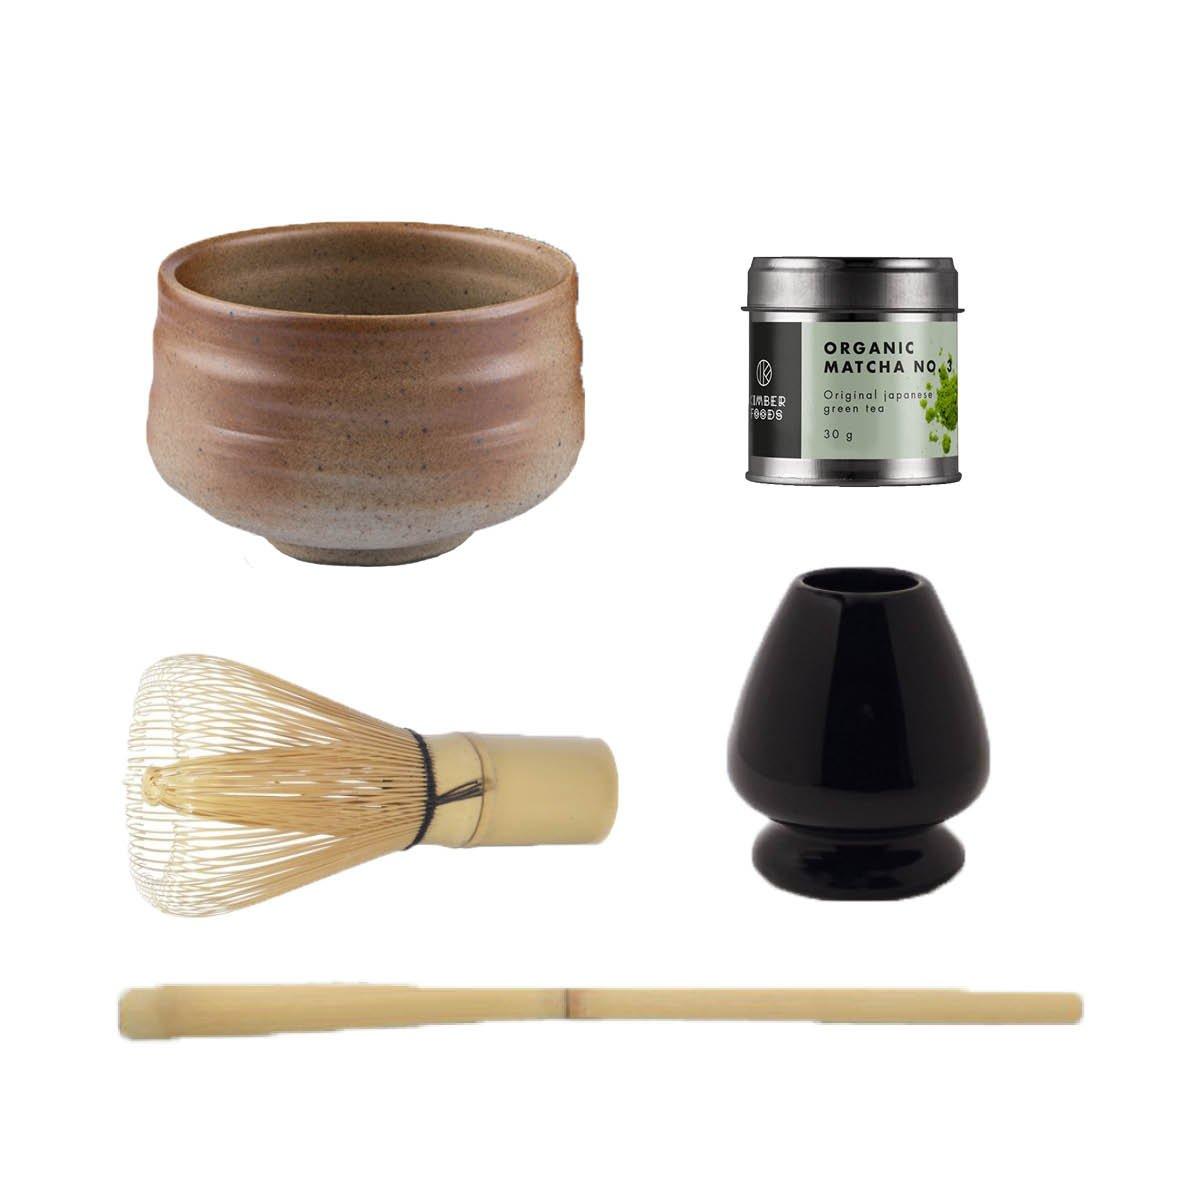 Luksus matcha sæt med japansk MATCHA No. 3 økologisk, SUNA matcha teskål håndlavet